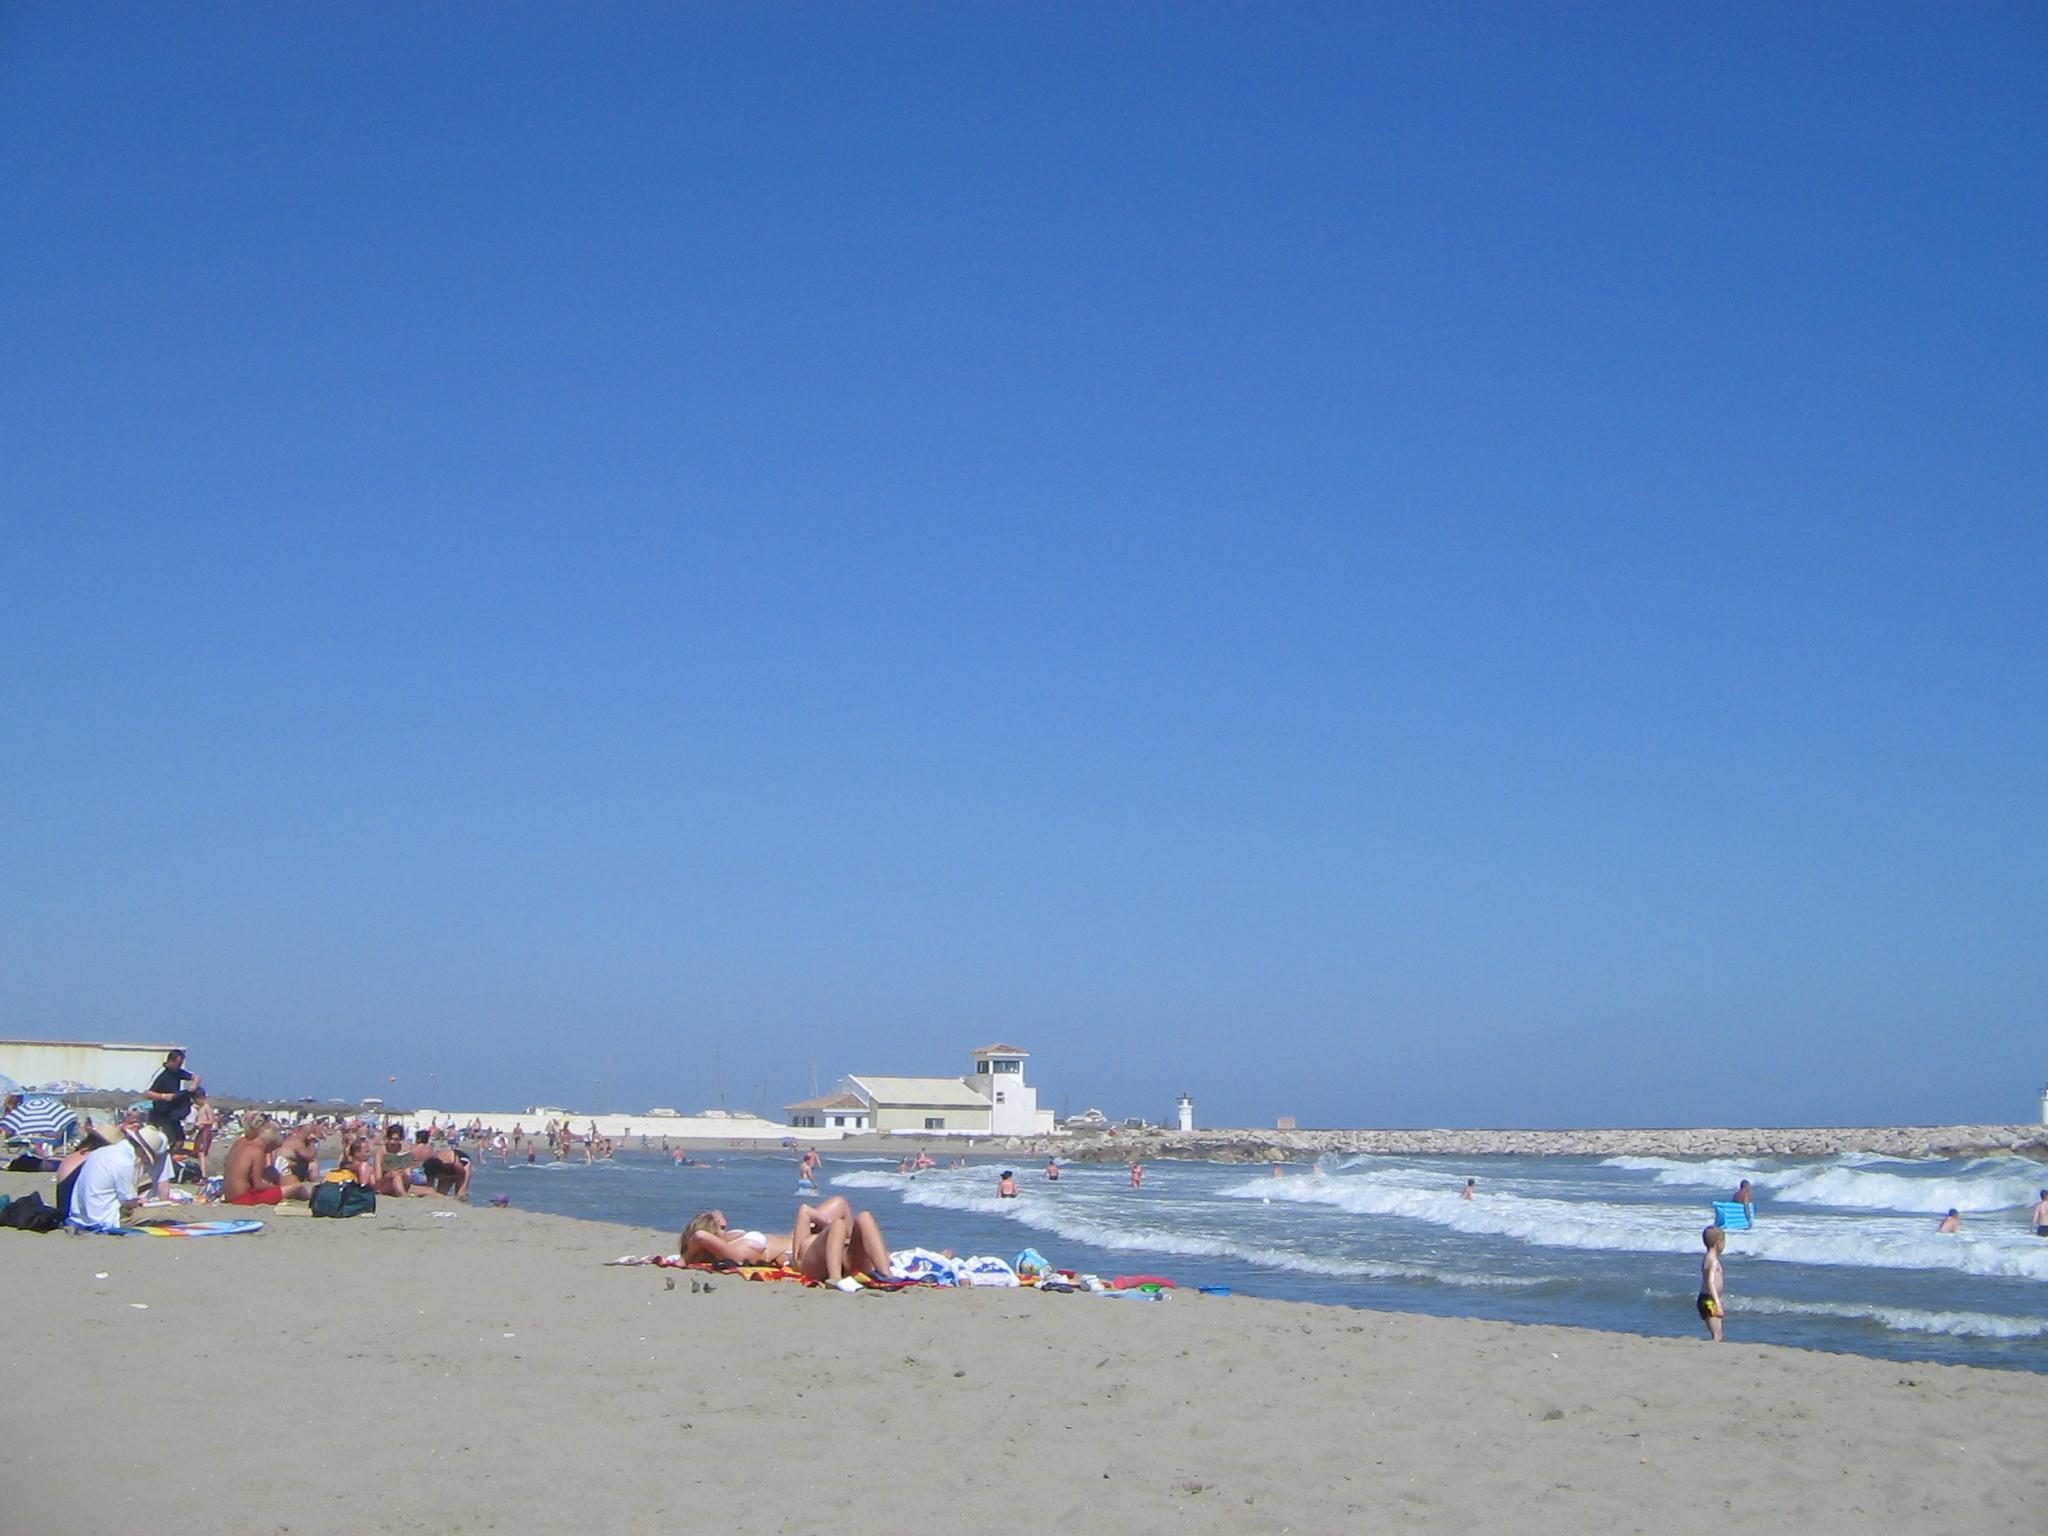 File:Cabopino beach, Costa del Sol, Spain 2005 15.jpg - Wikimedia Commons